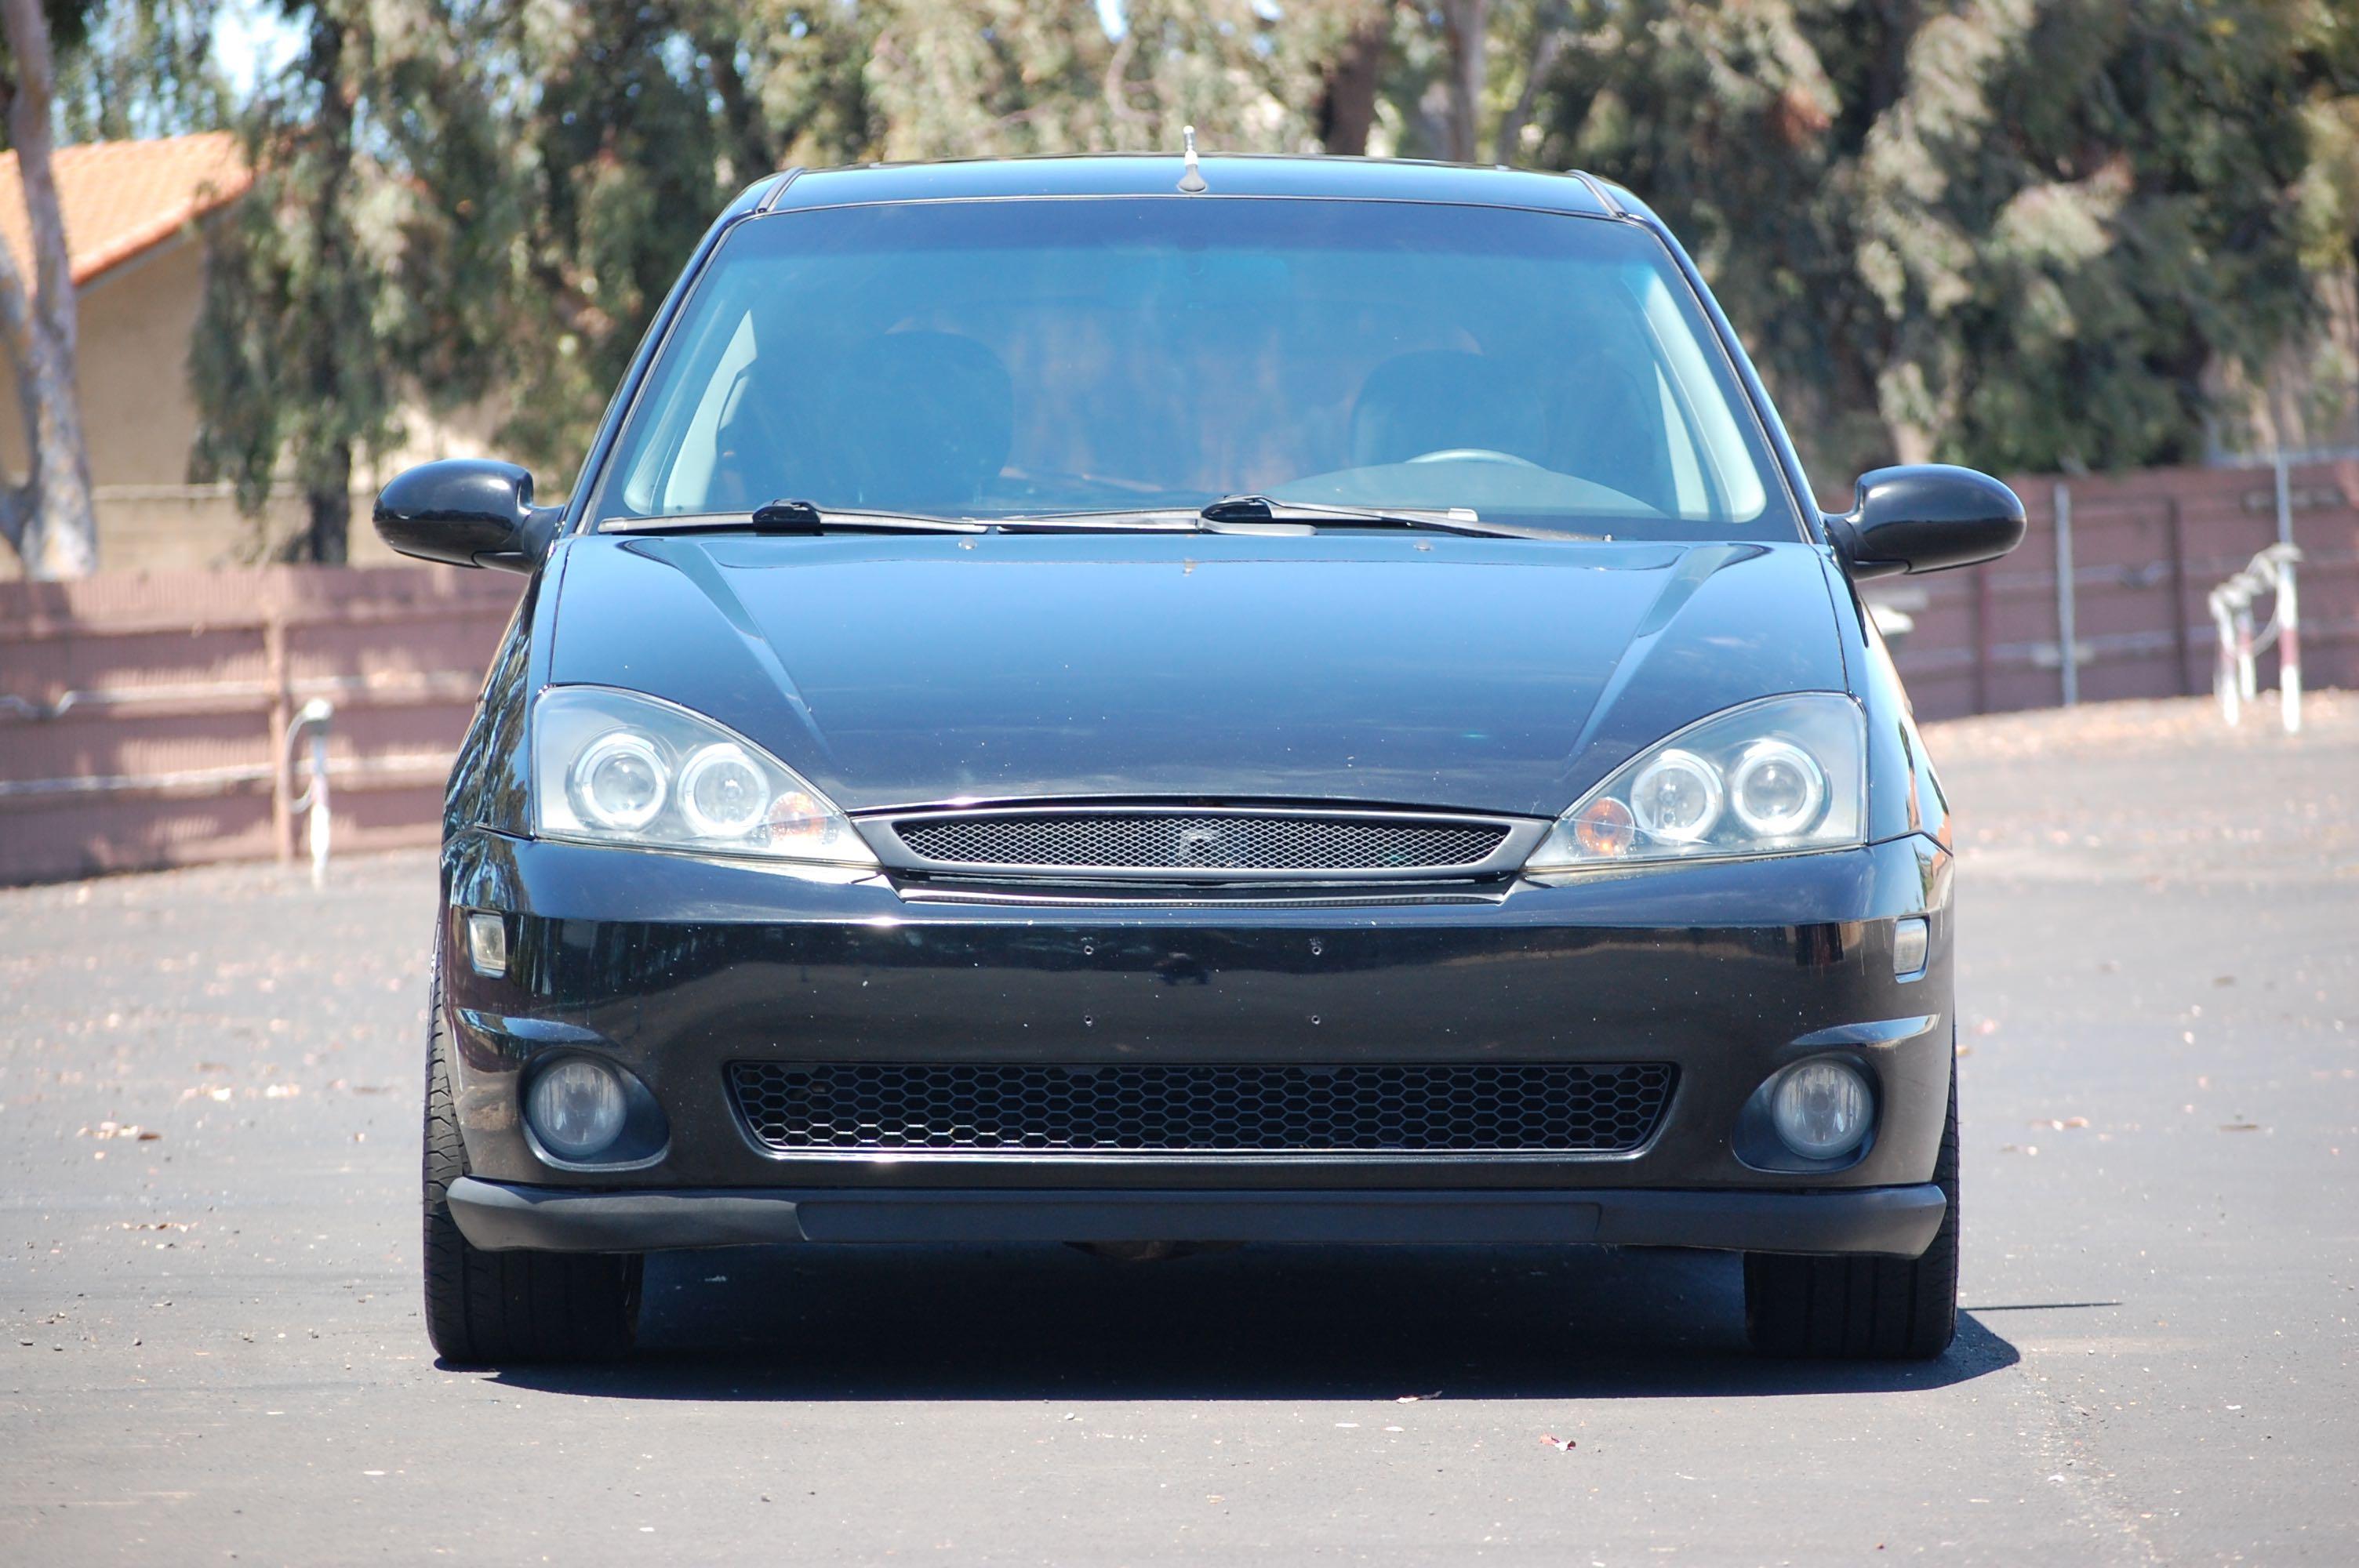 2003 SVTF, Ebony Black, Central CA.-dsc_0821-copy.jpg